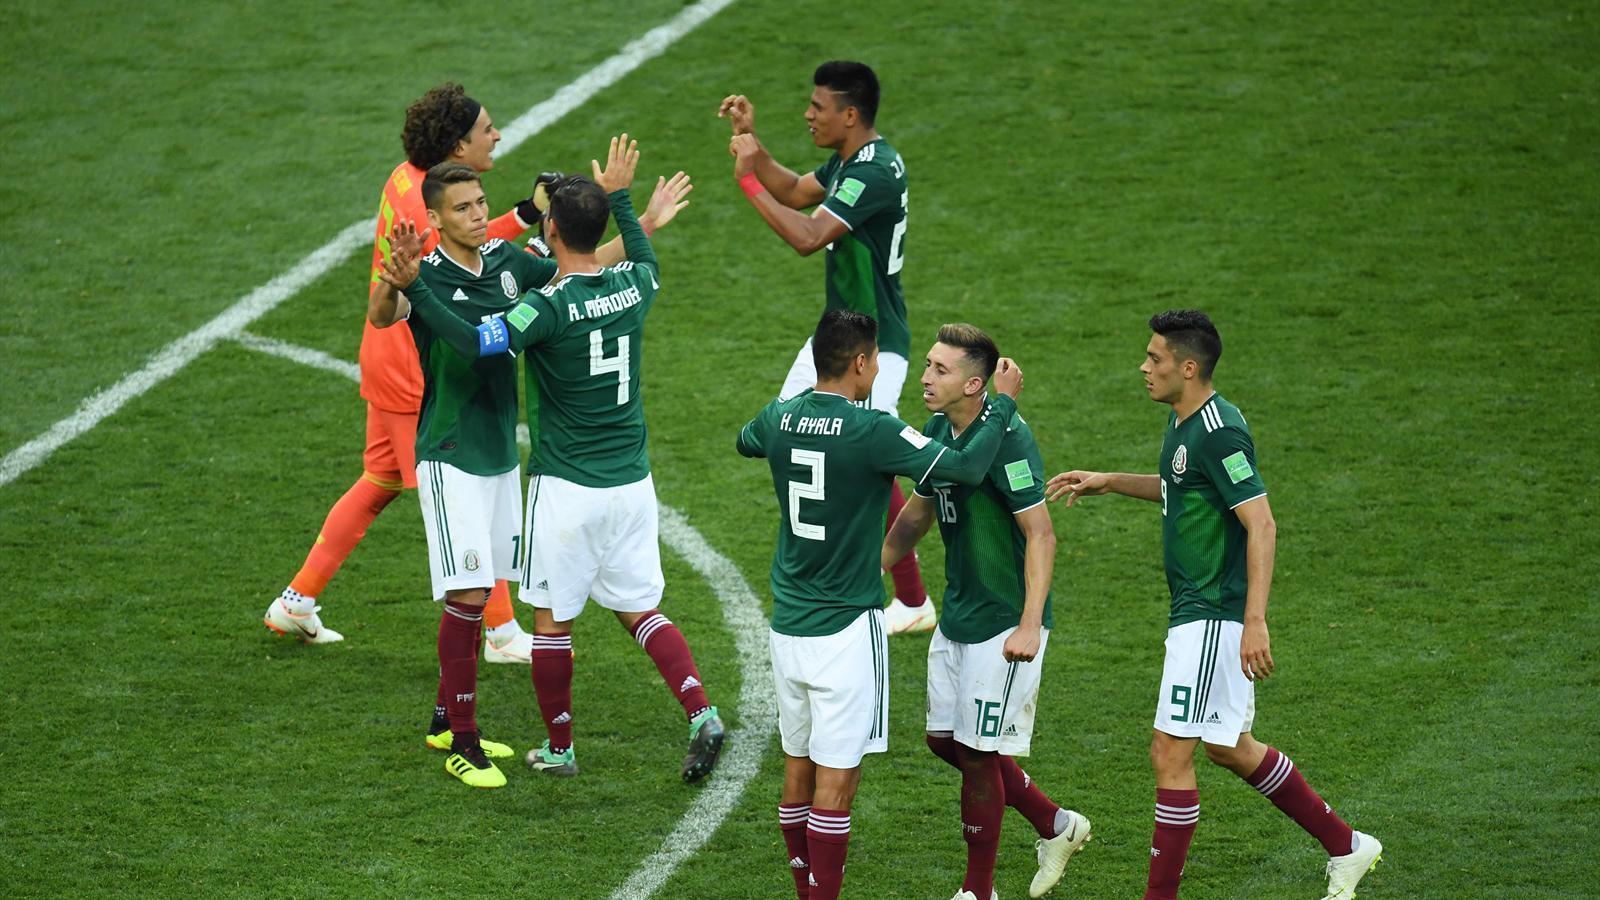 Ставки на футбол на Мексика – Ирландия. Ставки на товарищеские матчи 2 Июня 2017